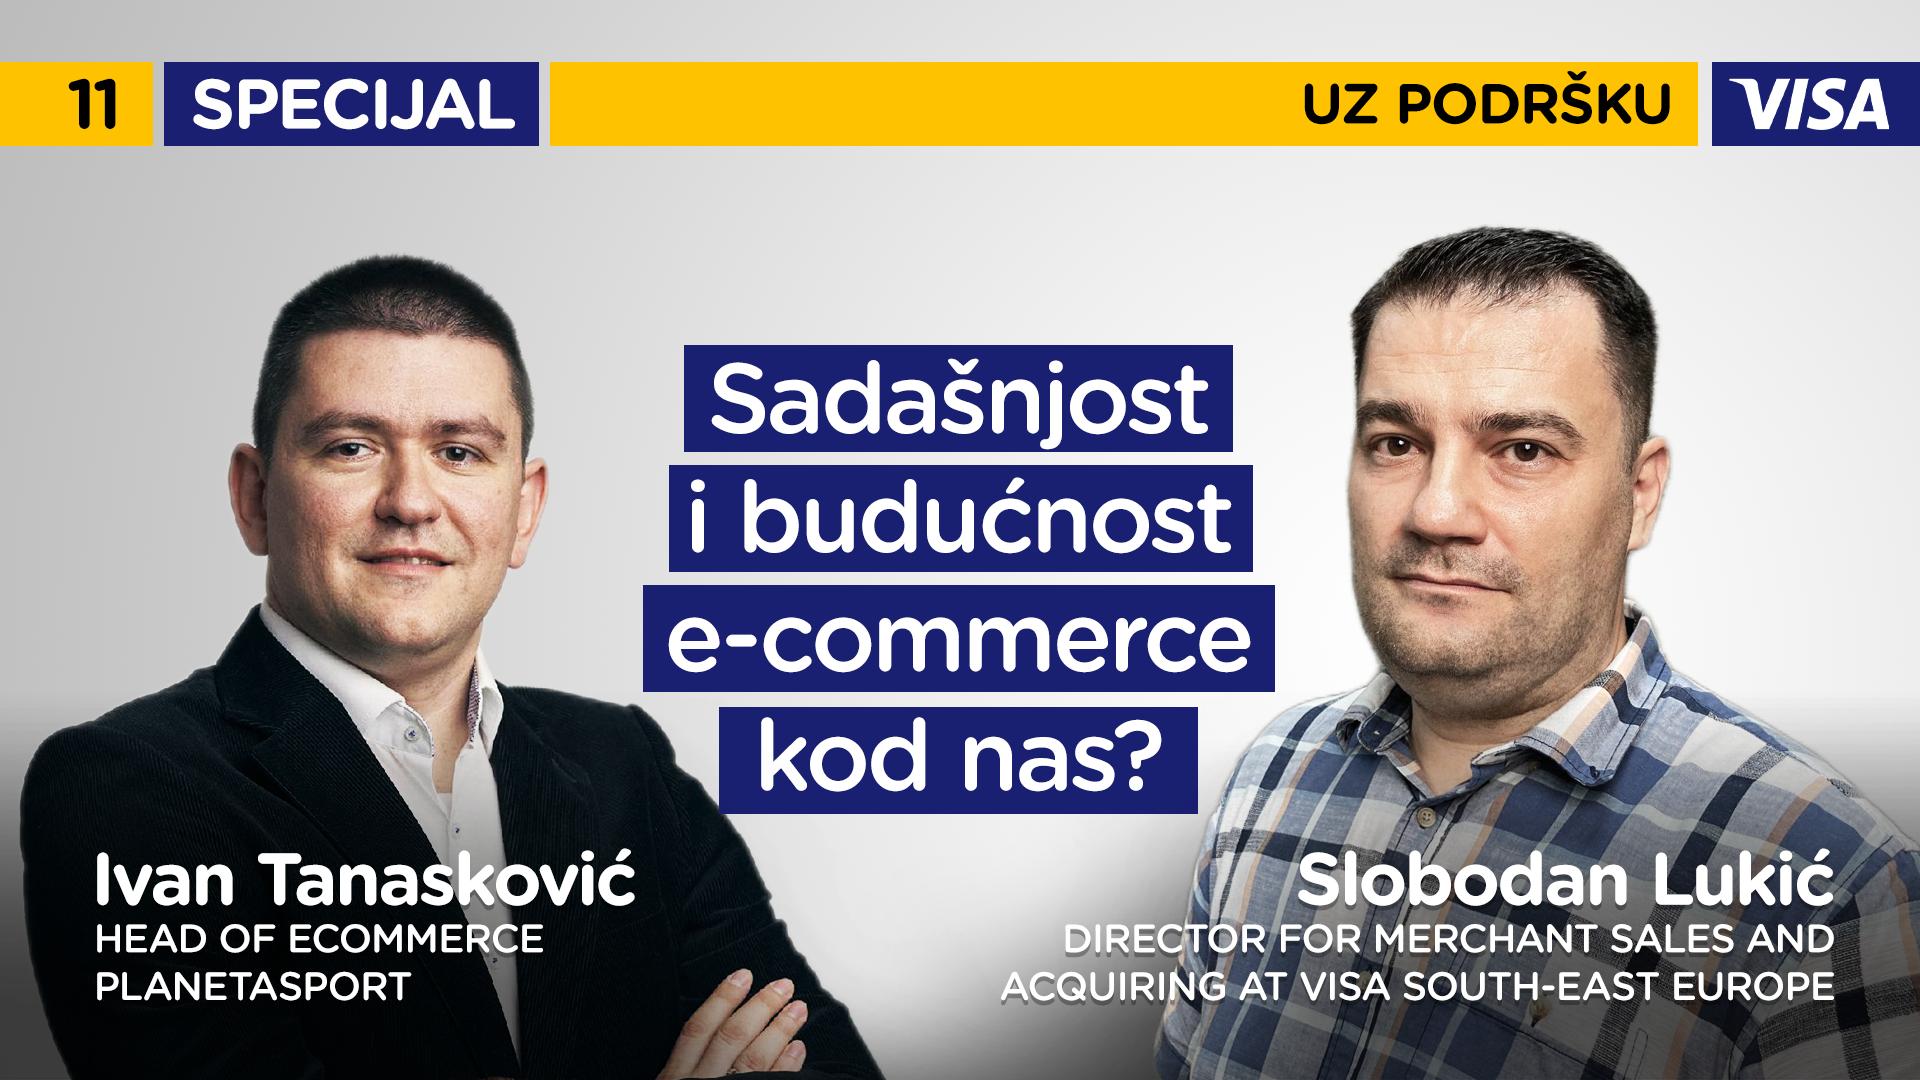 Pojačalo Visa specijal EP11: Sadašnjost i budućnost e-commerce kod nas